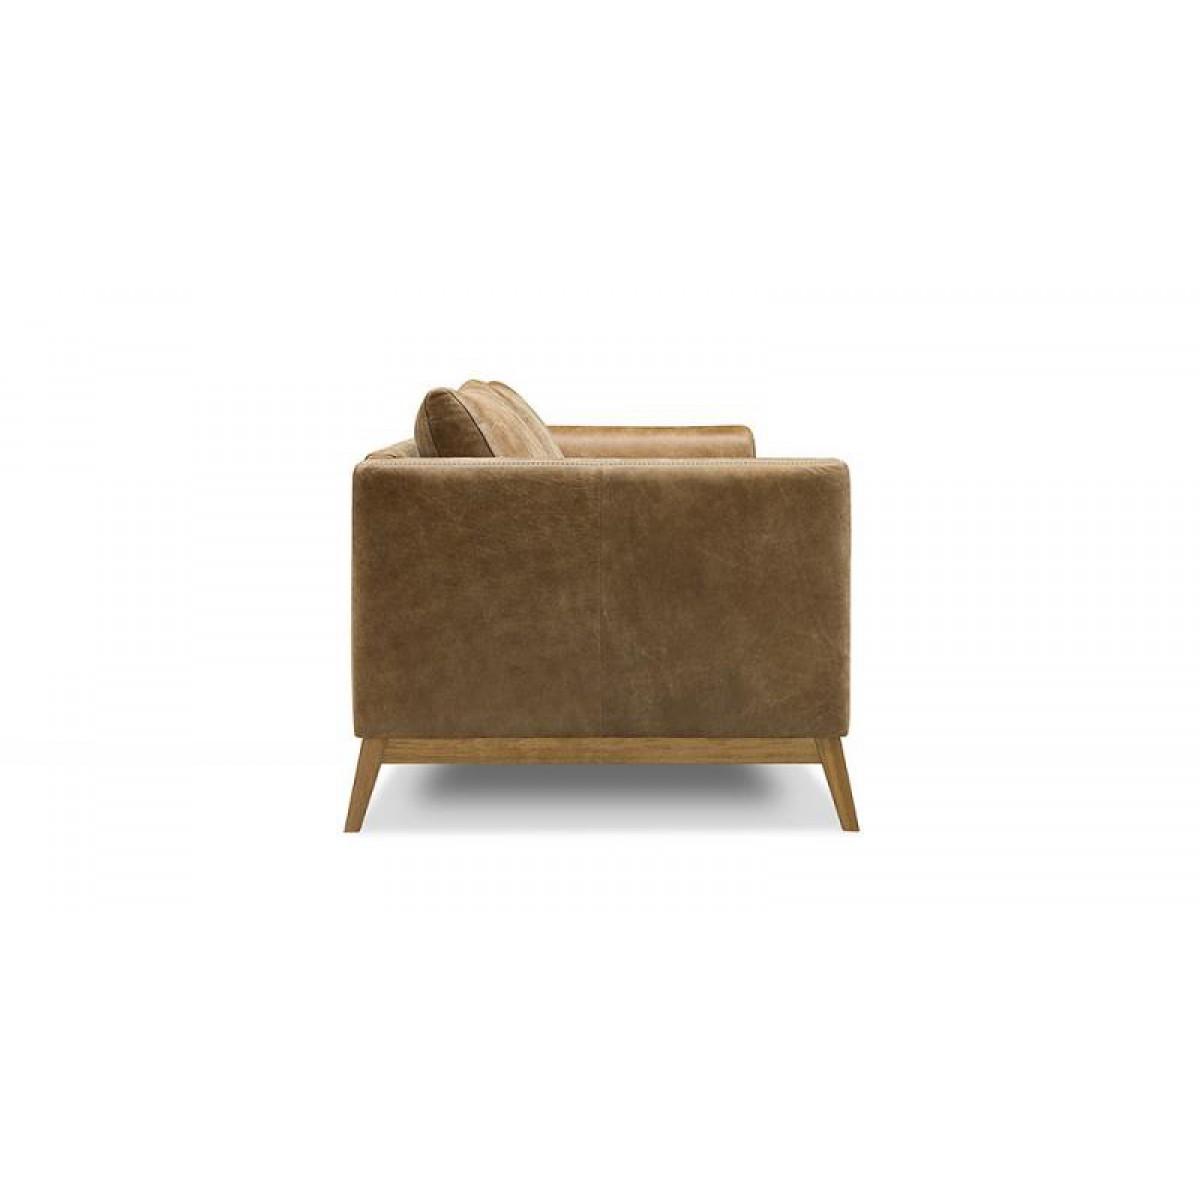 zermatt-design-bank-houten-frame-het-anker-miltonhouse-zijkant